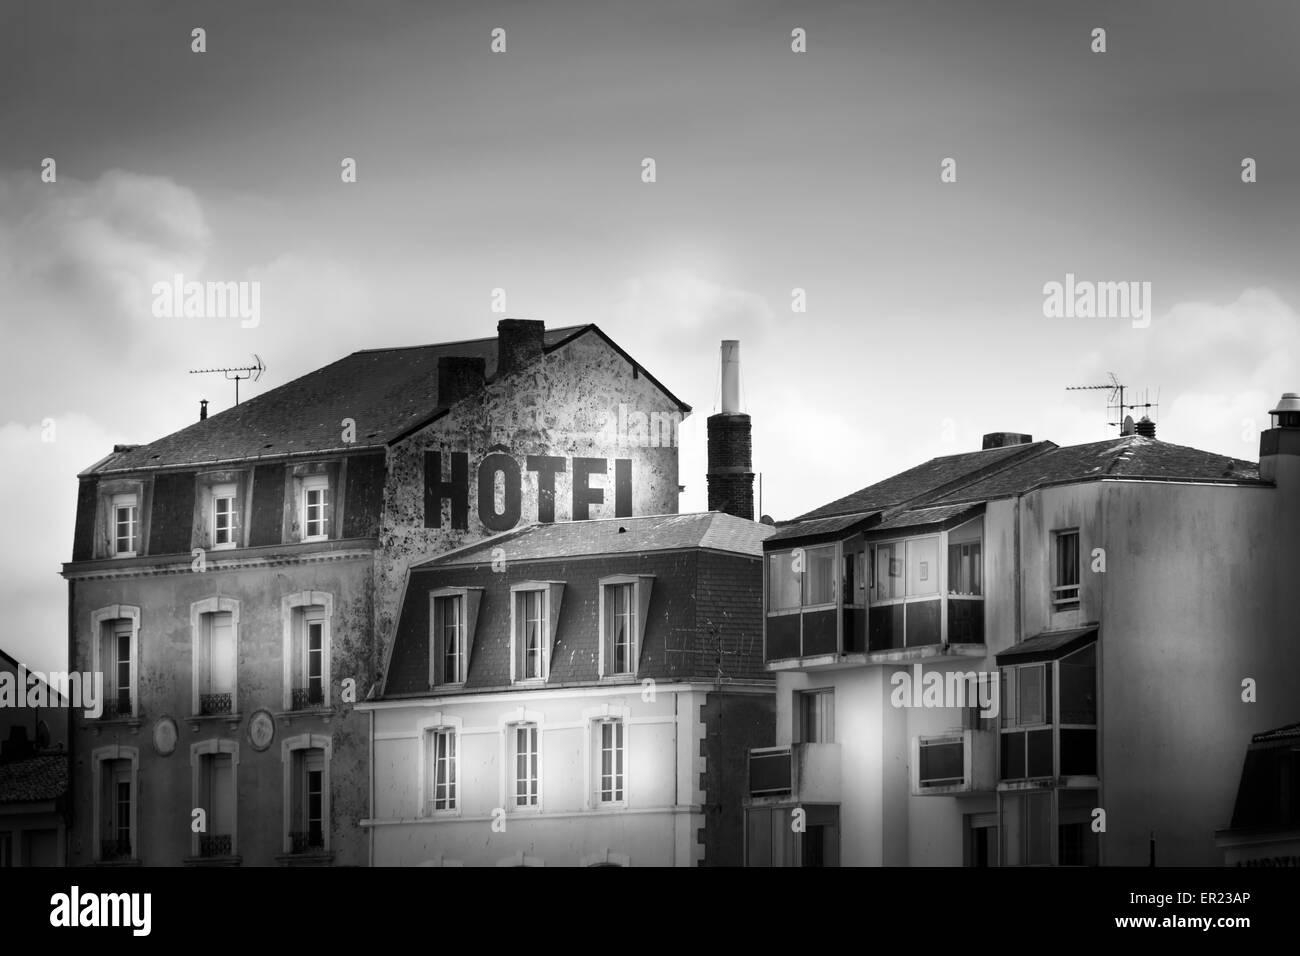 Façade de l'hôtel extérieur de bâtiment ancien noir et blanc Photo Stock